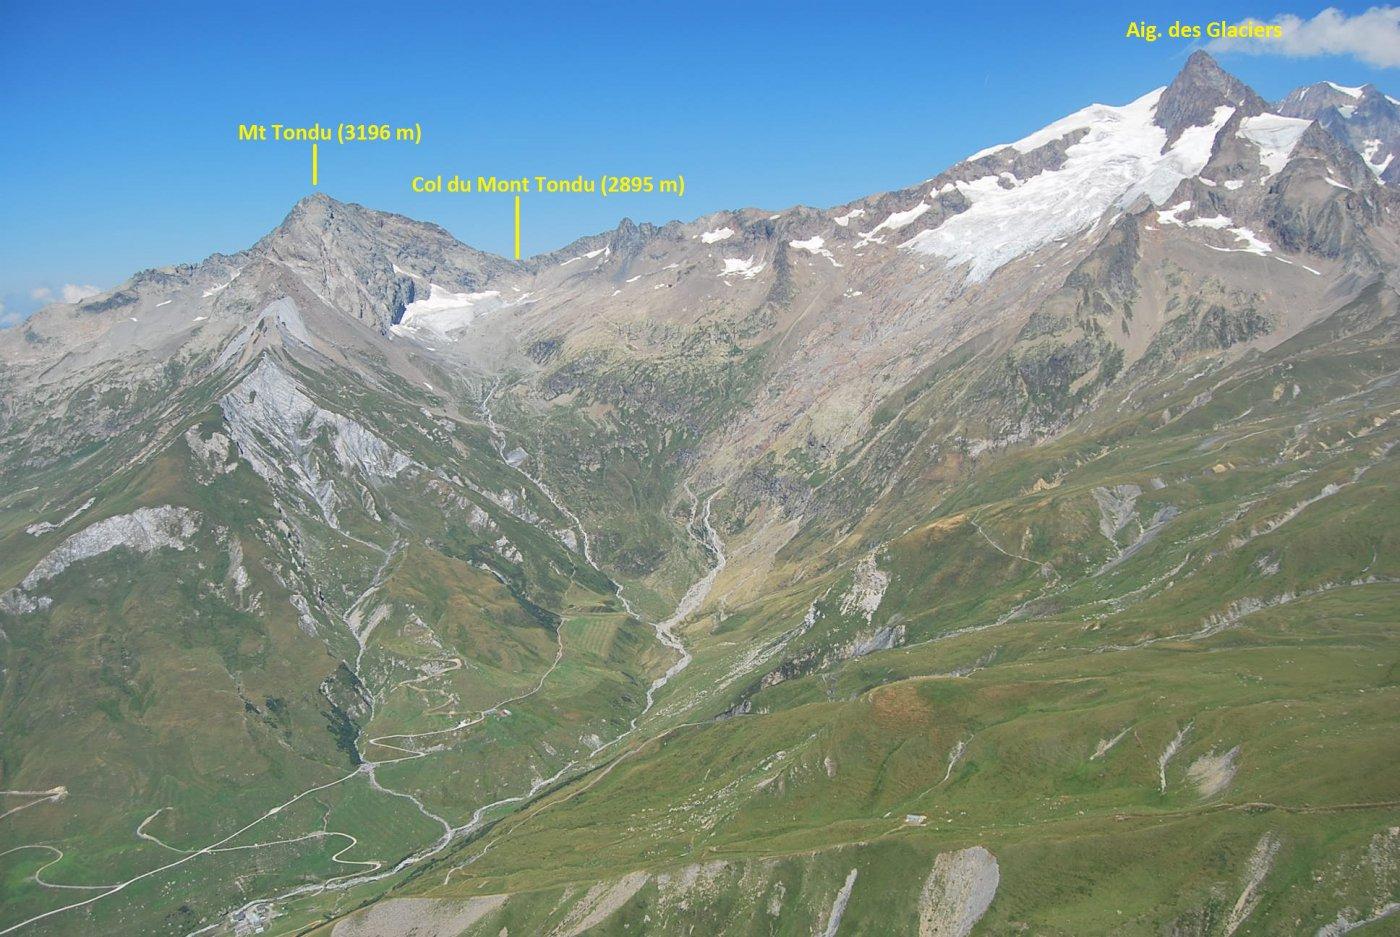 Dalla cresta: Aig. des Glaciers e Mont Tondu, sotto il quale è posto il Rifugio Robert Blanc